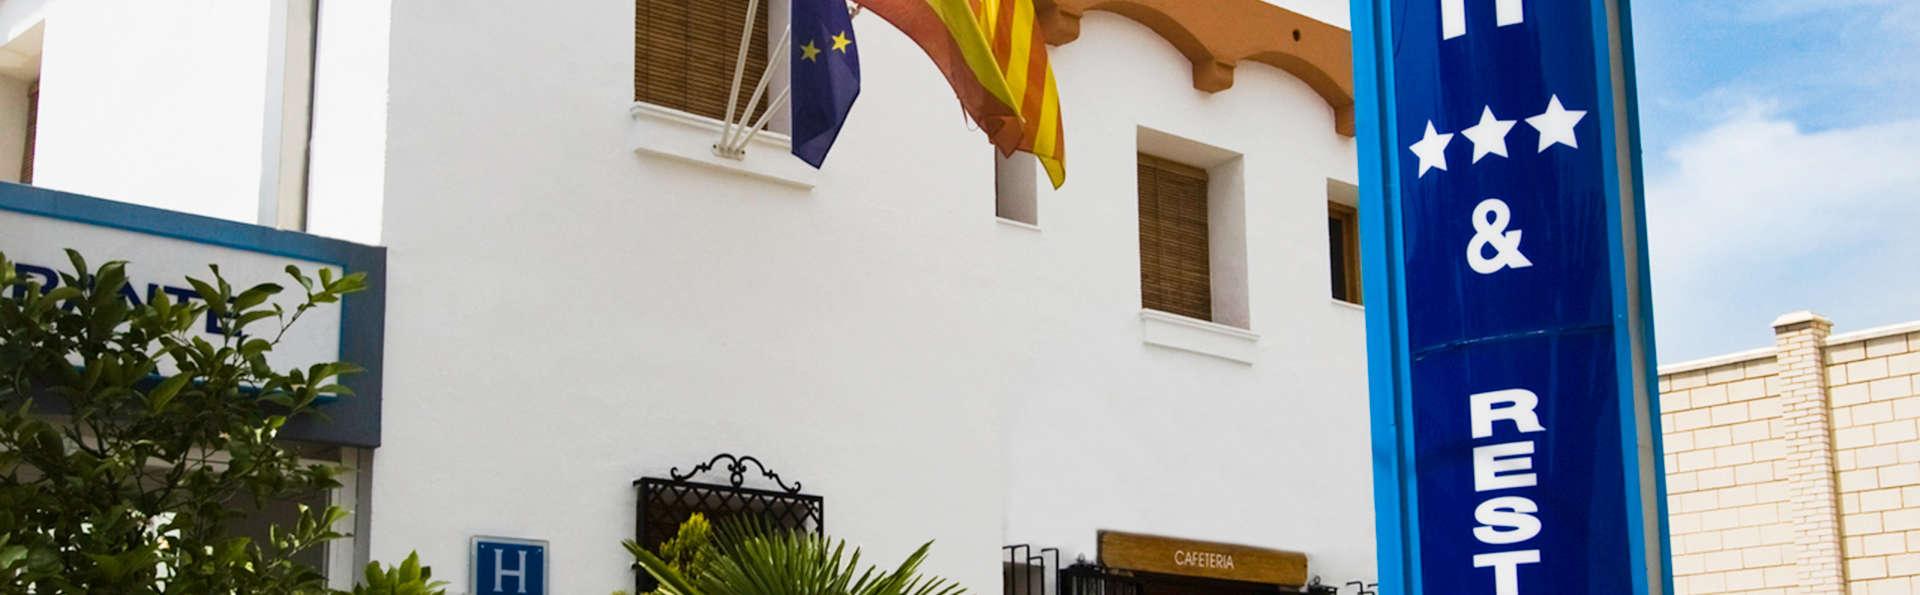 Hotel Rosaleda Doncel - EDIT_front.jpg